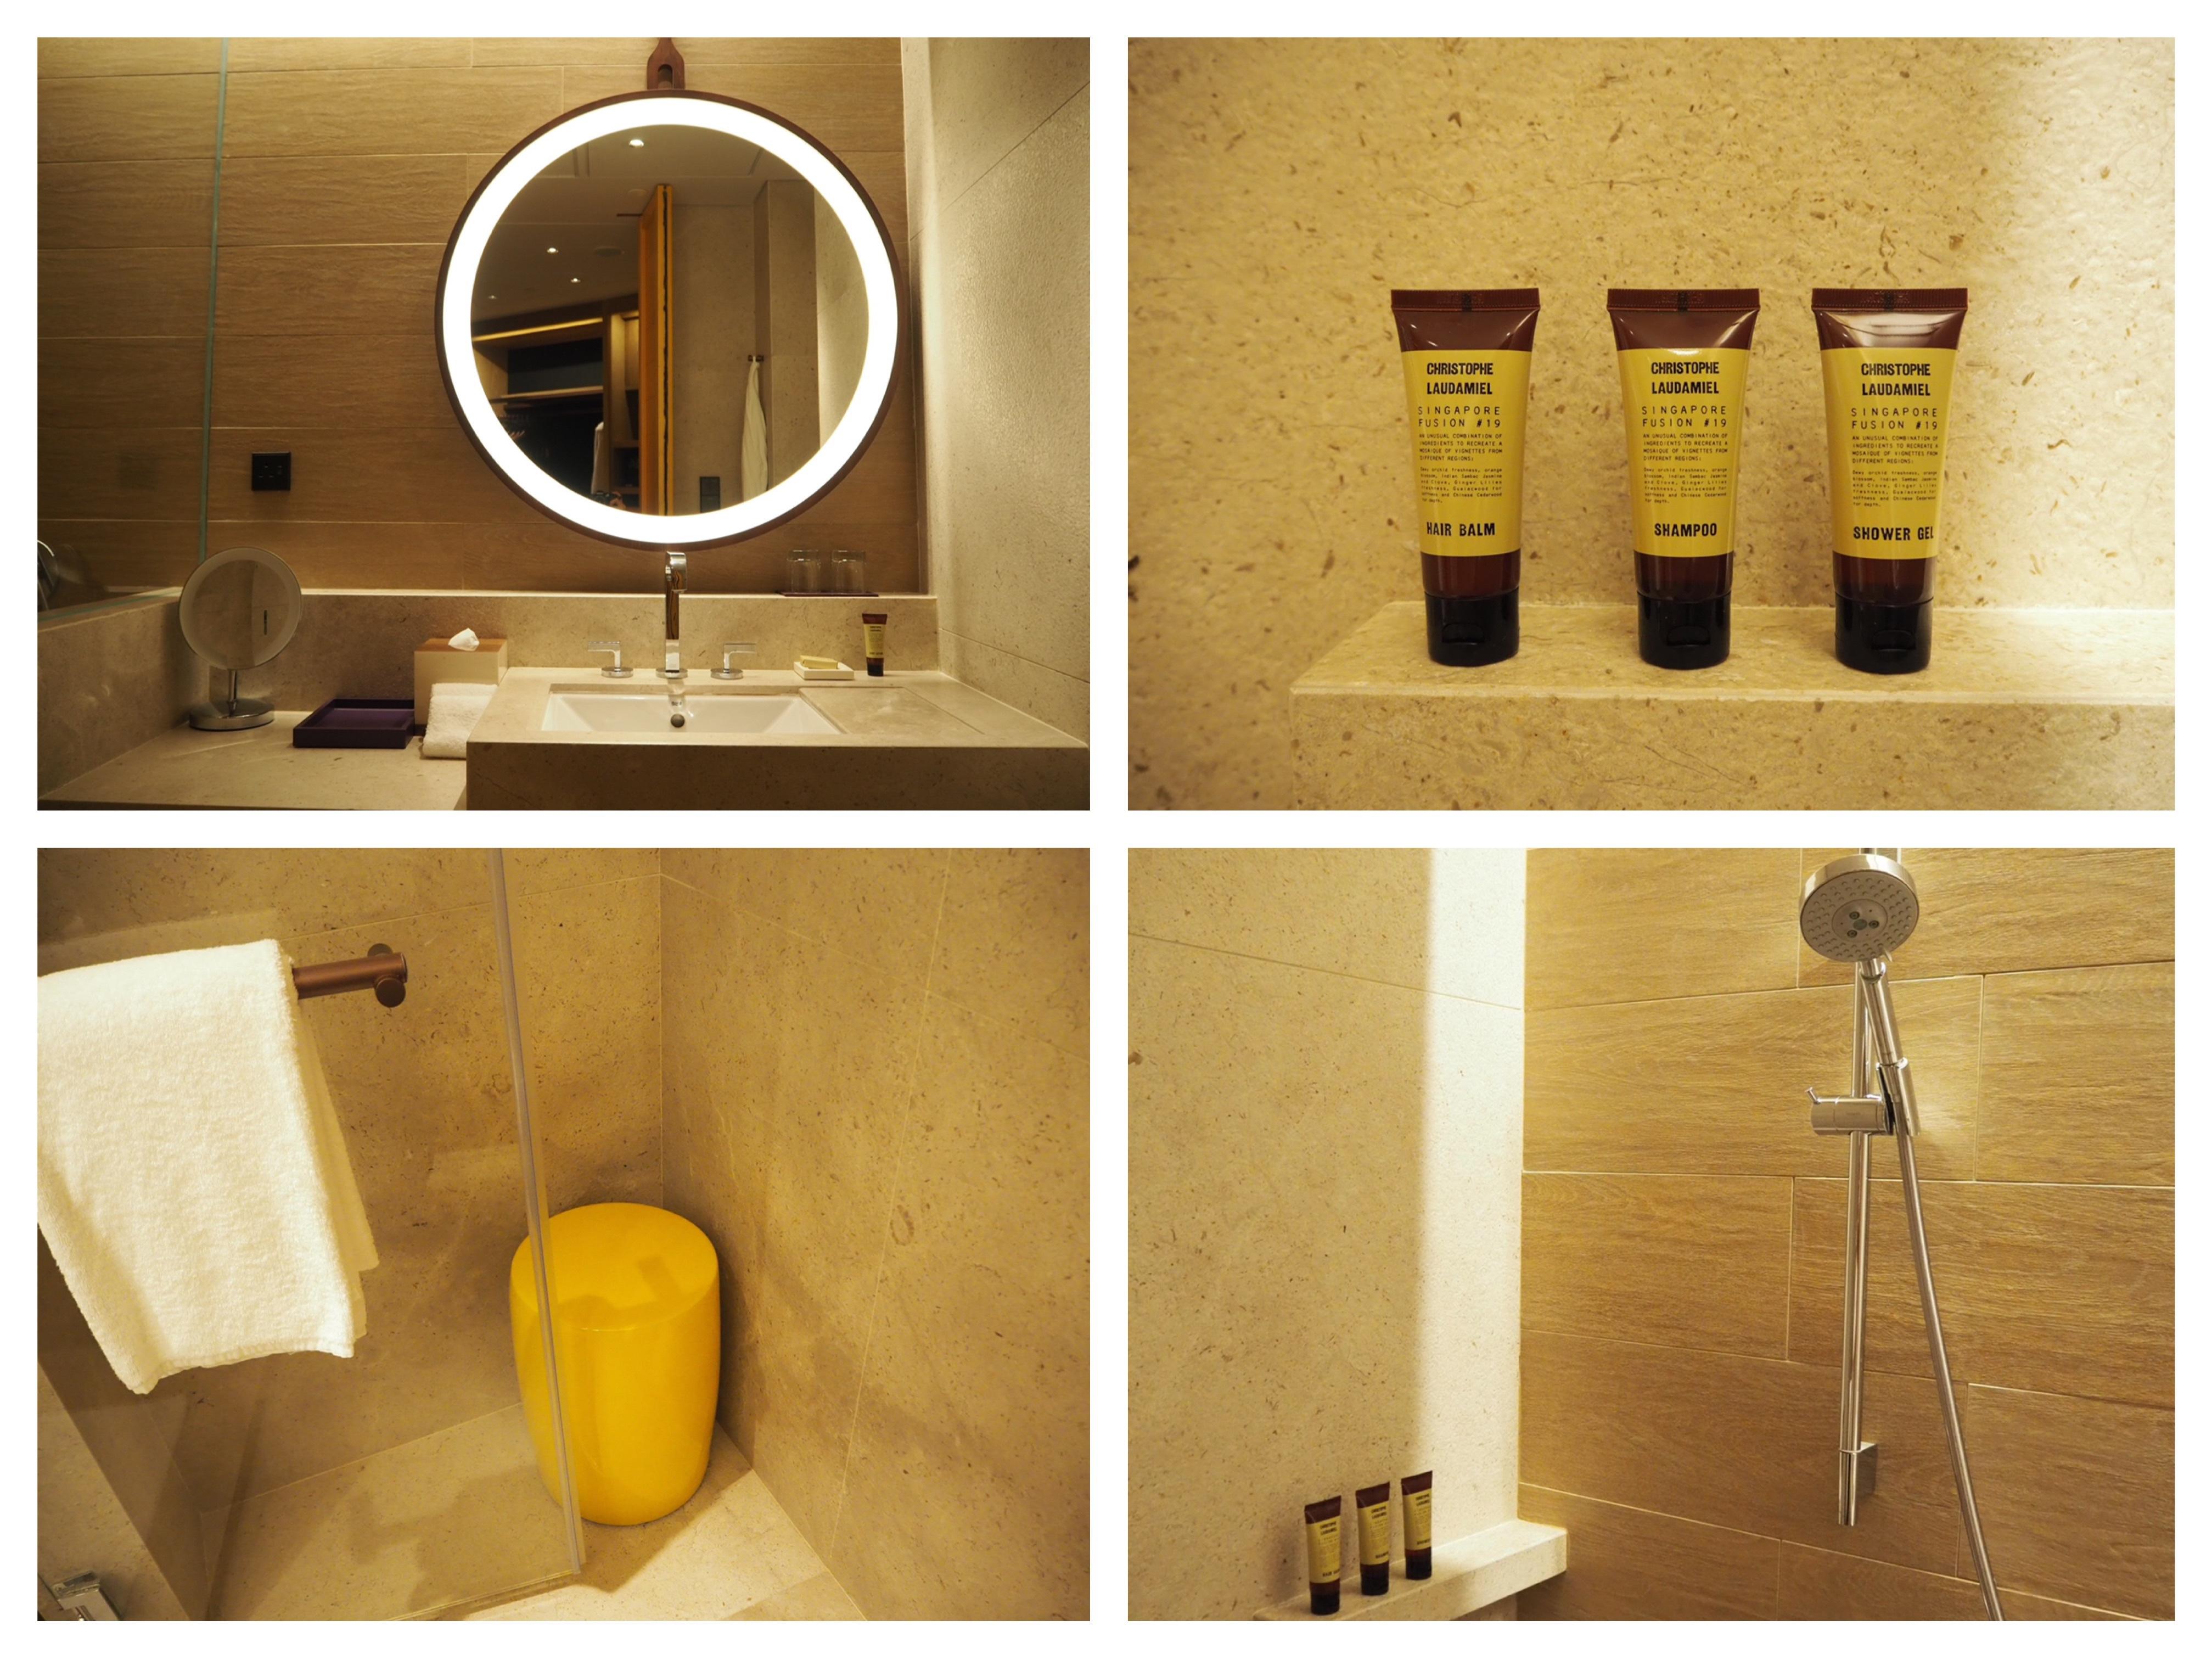 img 6048 - Andaz Singapore - ハイアット系列五つ星ホテル「アンダーズシンガポール」にまた泊まりたい理由